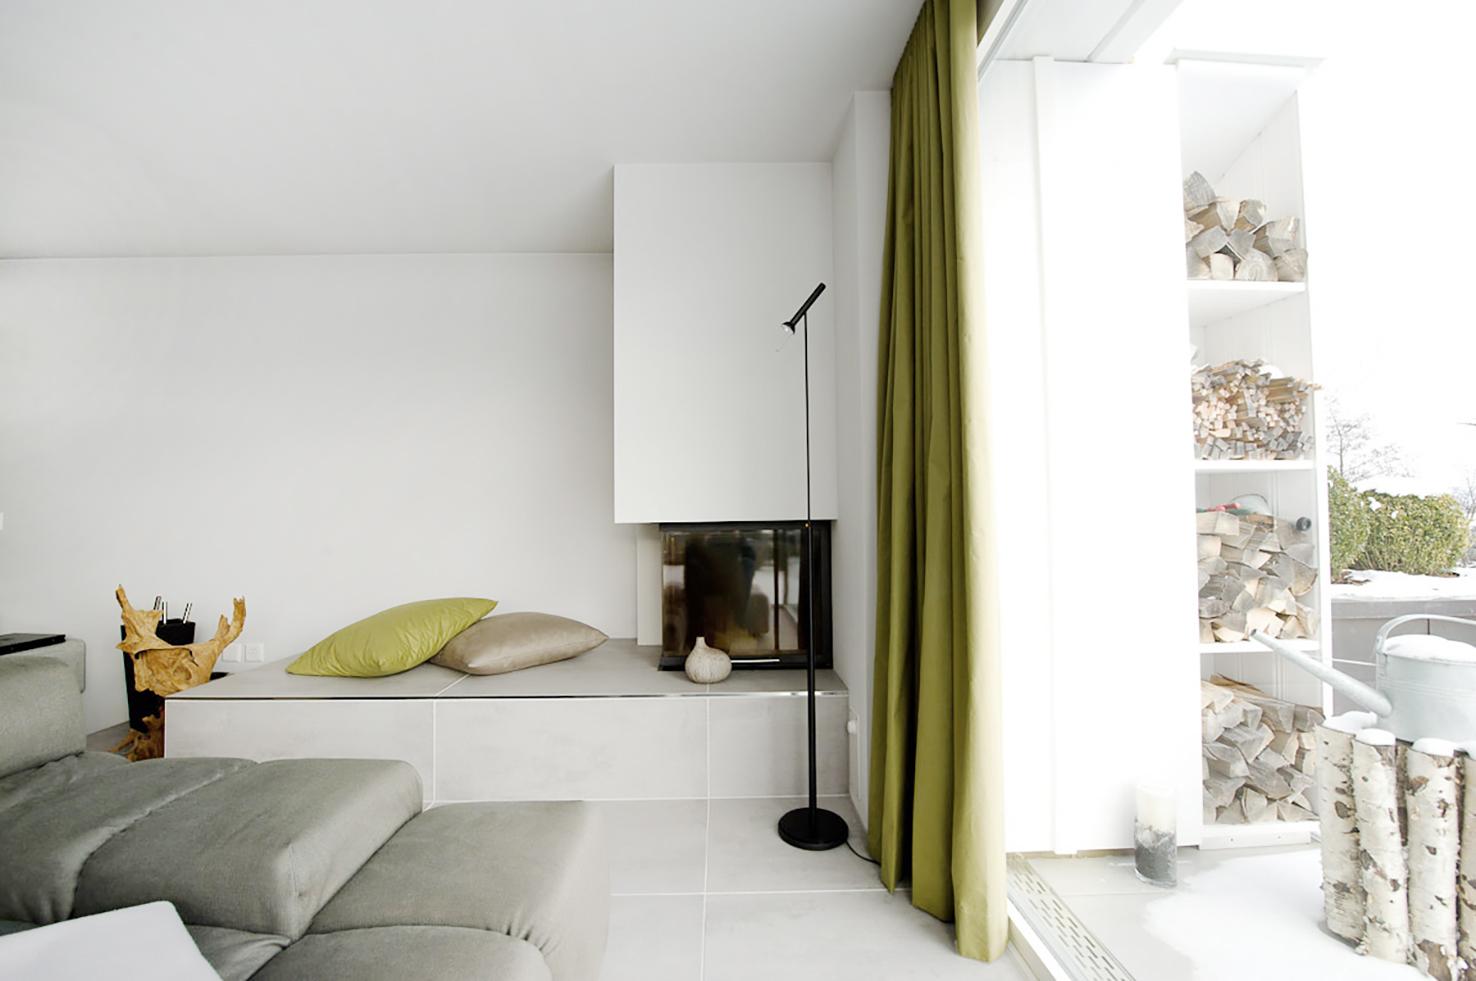 uppergrade-immobilienmarketing-house-of-property13.jpg